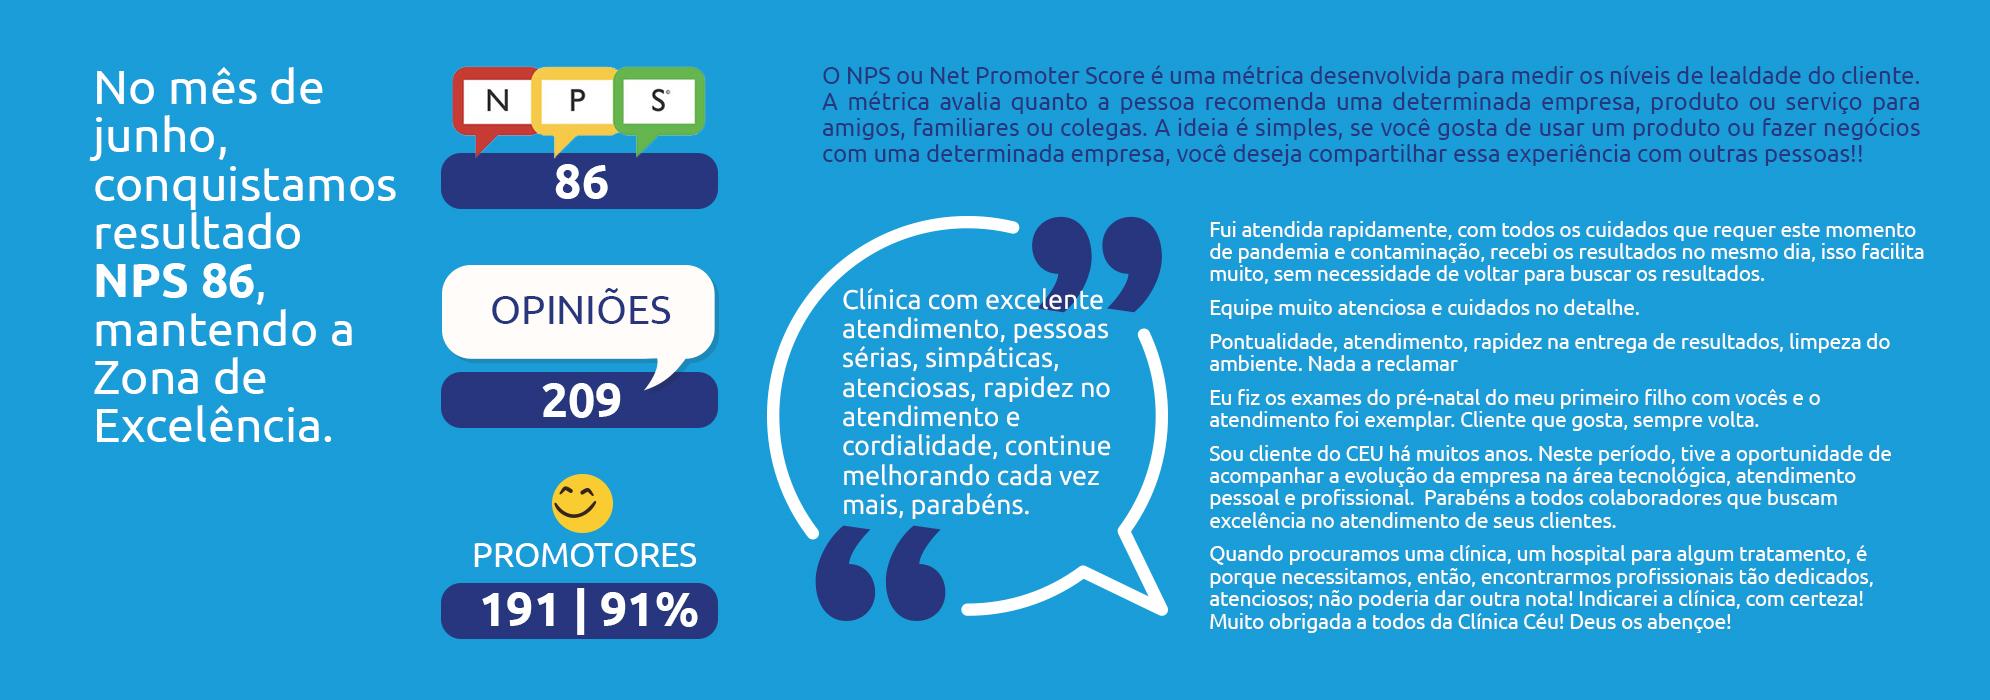 slide-nps-junho